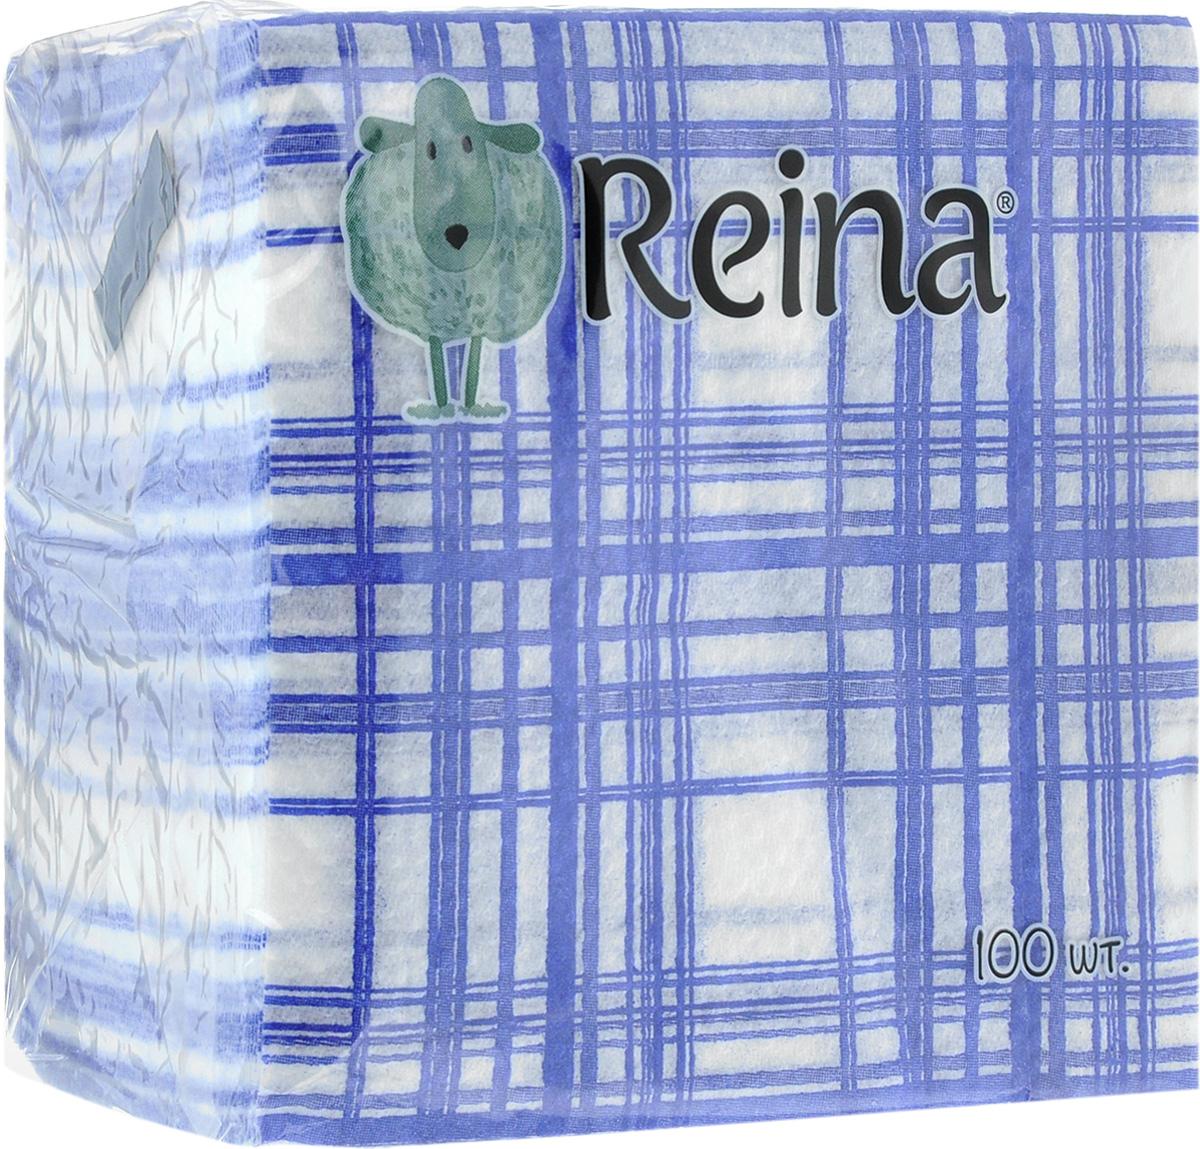 Салфетки бумажные Reina, однослойные, 12 х 12 см, 100 штSZ-14Салфетки бумажные Reina, выполненные из натуральной целлюлозы, станут отличным дополнением любого праздничного стола. Они отличаются необычной мягкостью и оригинальностью.Размер салфетки: 12 х 12 см. Количество слоев: 1.